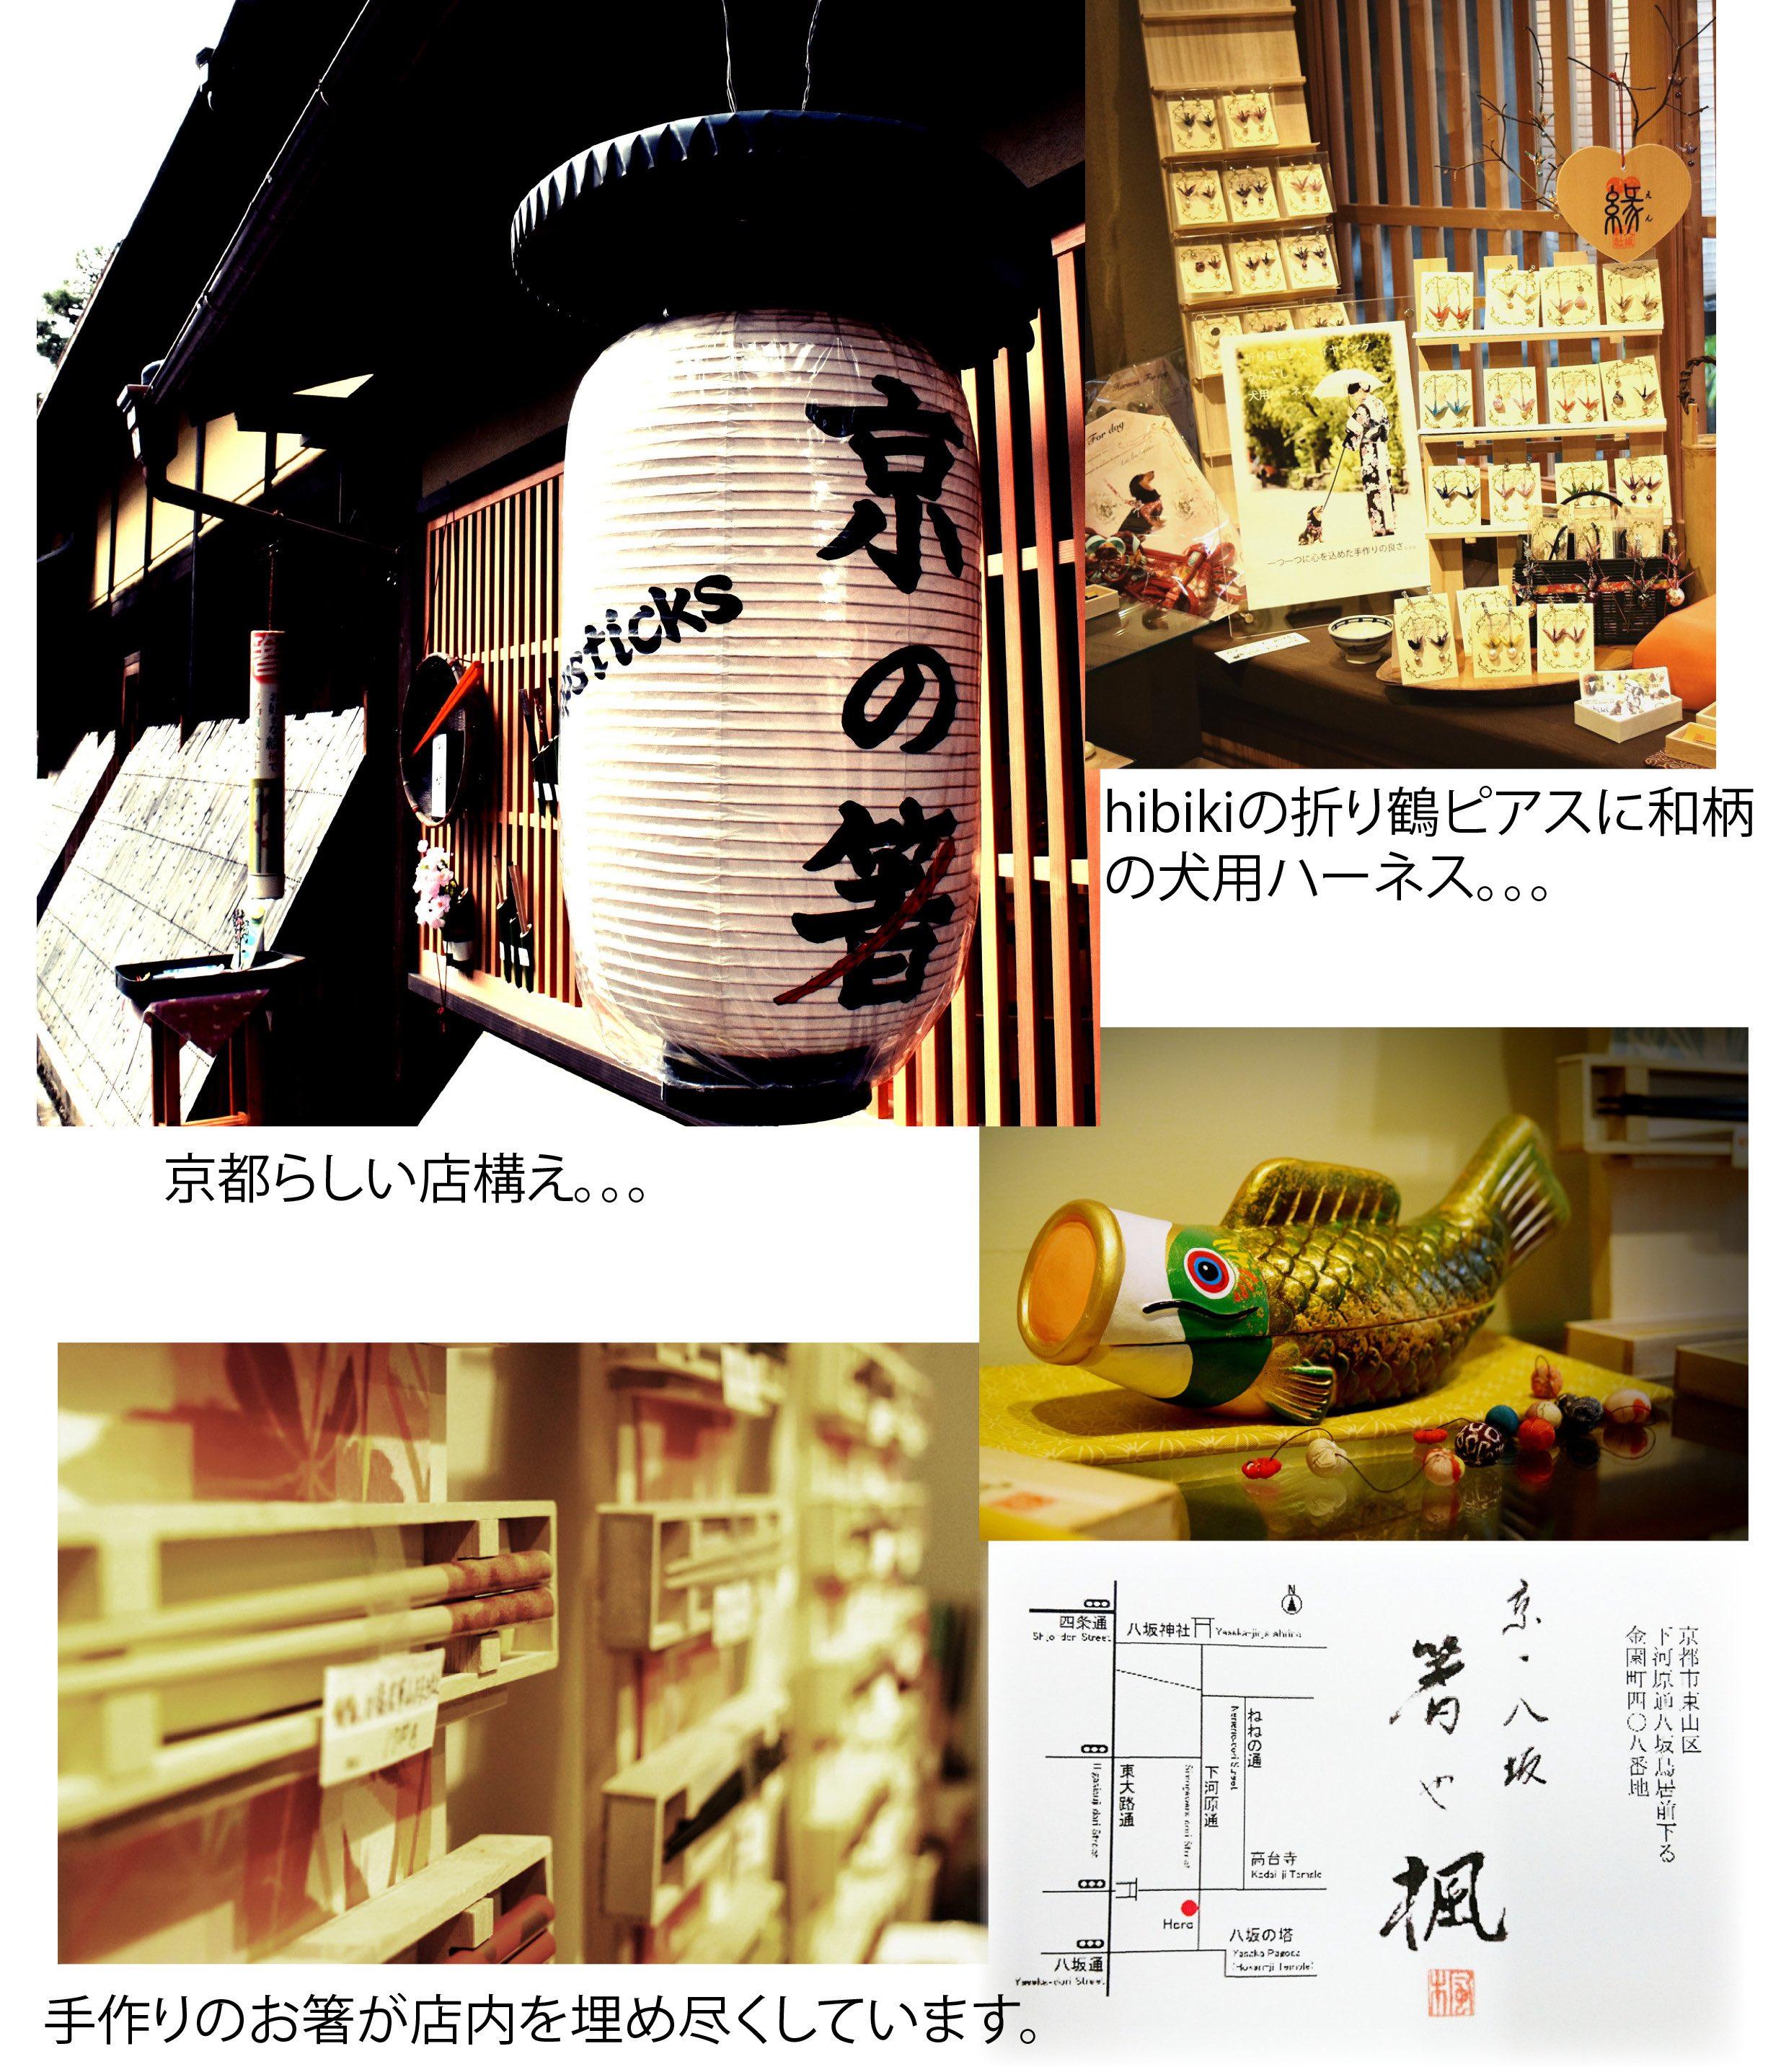 お箸のお店に折り鶴が。。。京都高台寺近くの『箸や楓』さんにて。。。